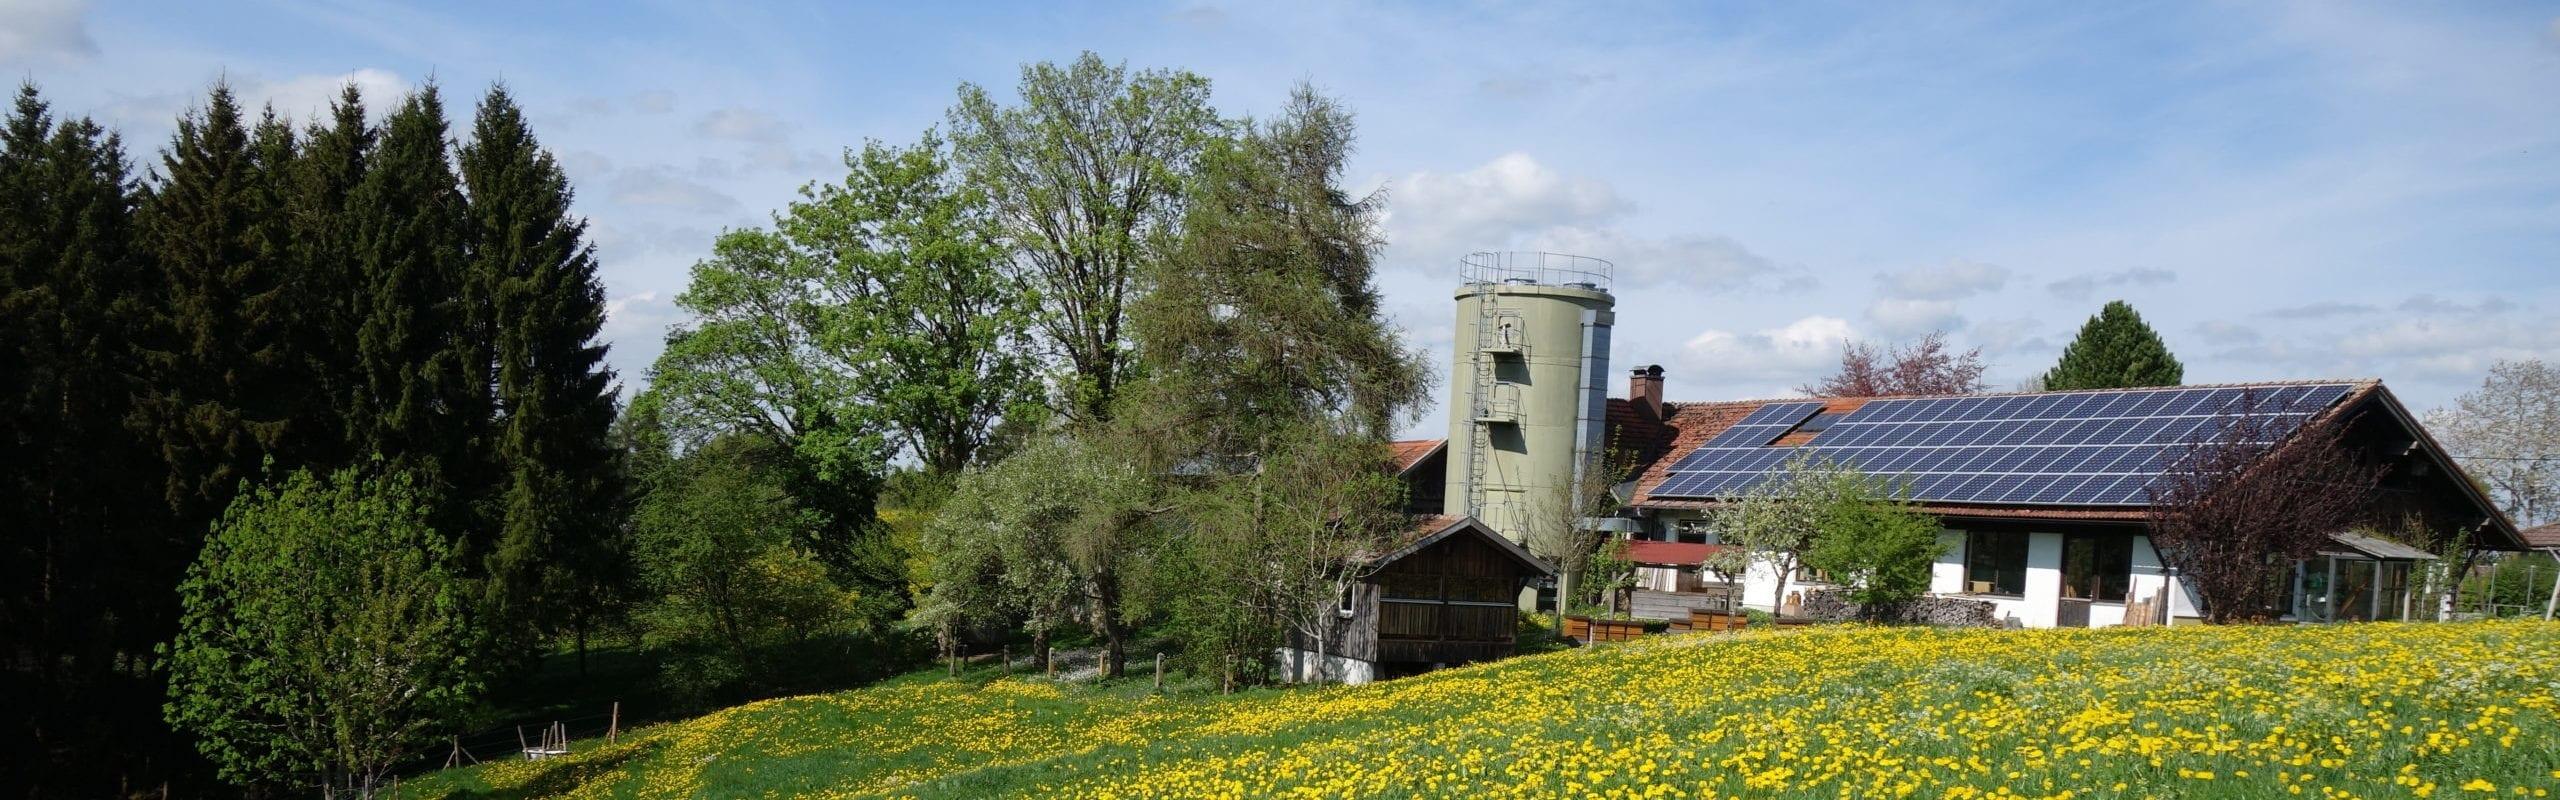 Imkereibedarf Altthaler - unser Betrieb im Sommer